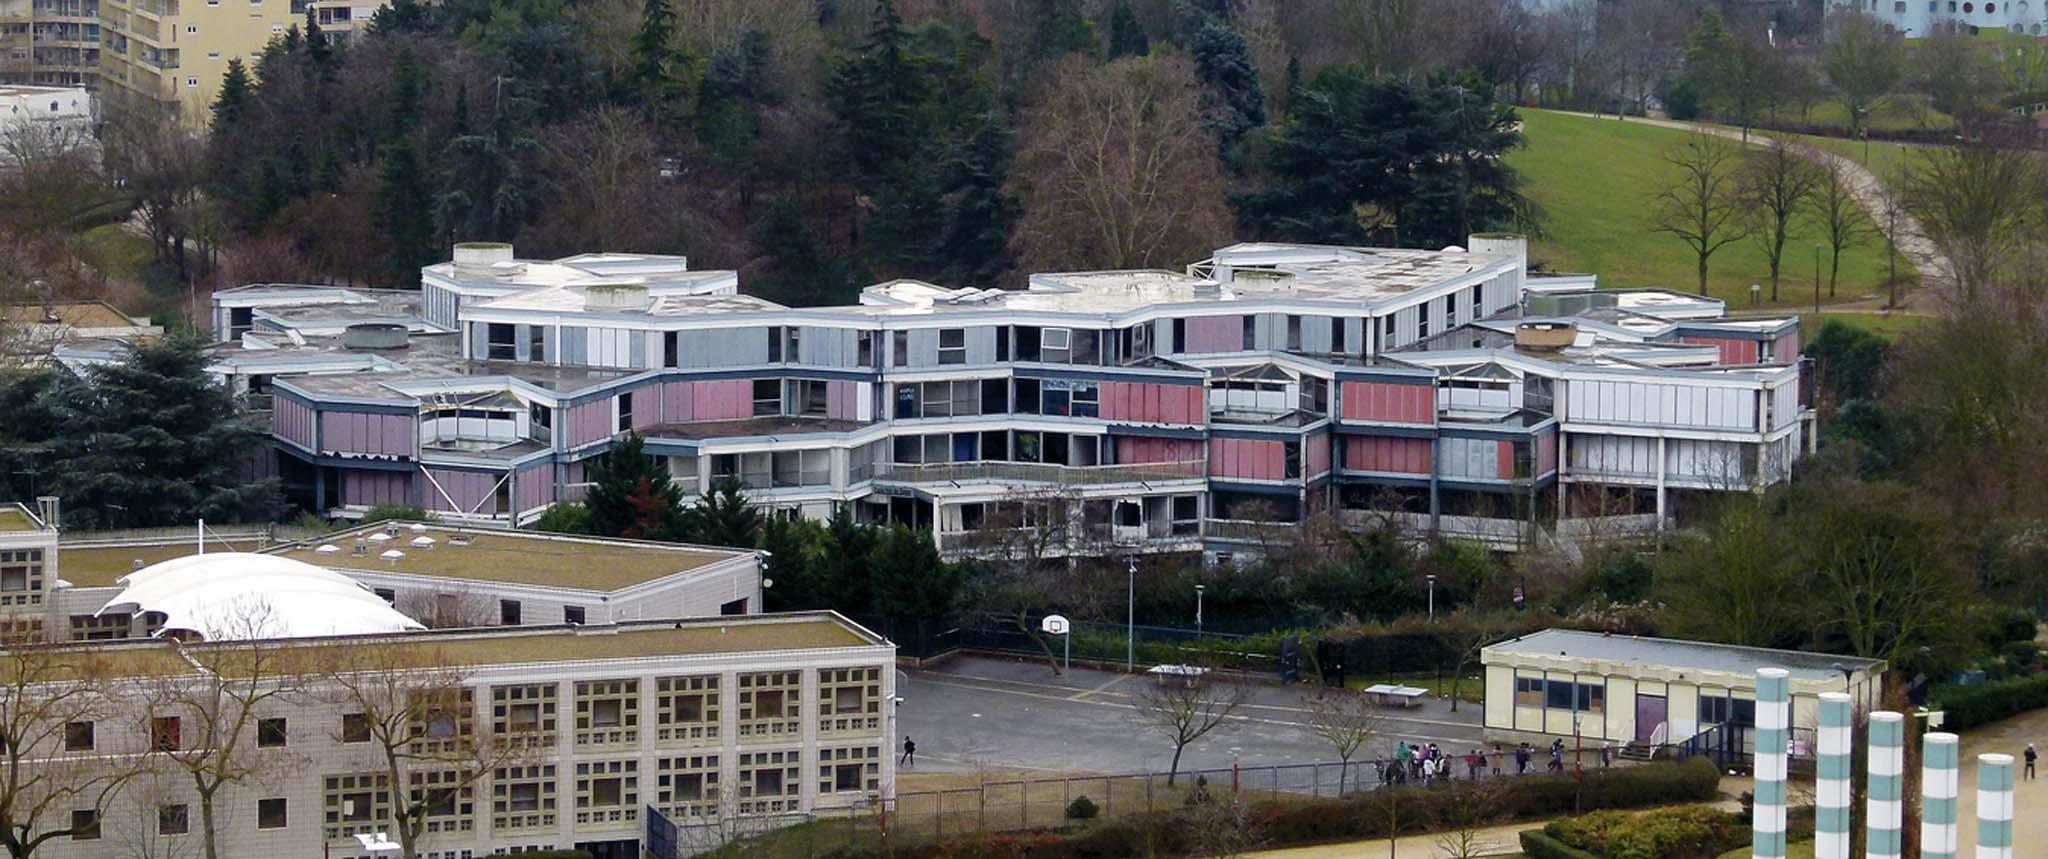 Patrimoine l cole d architecture de nanterre par for Ecole d architecture